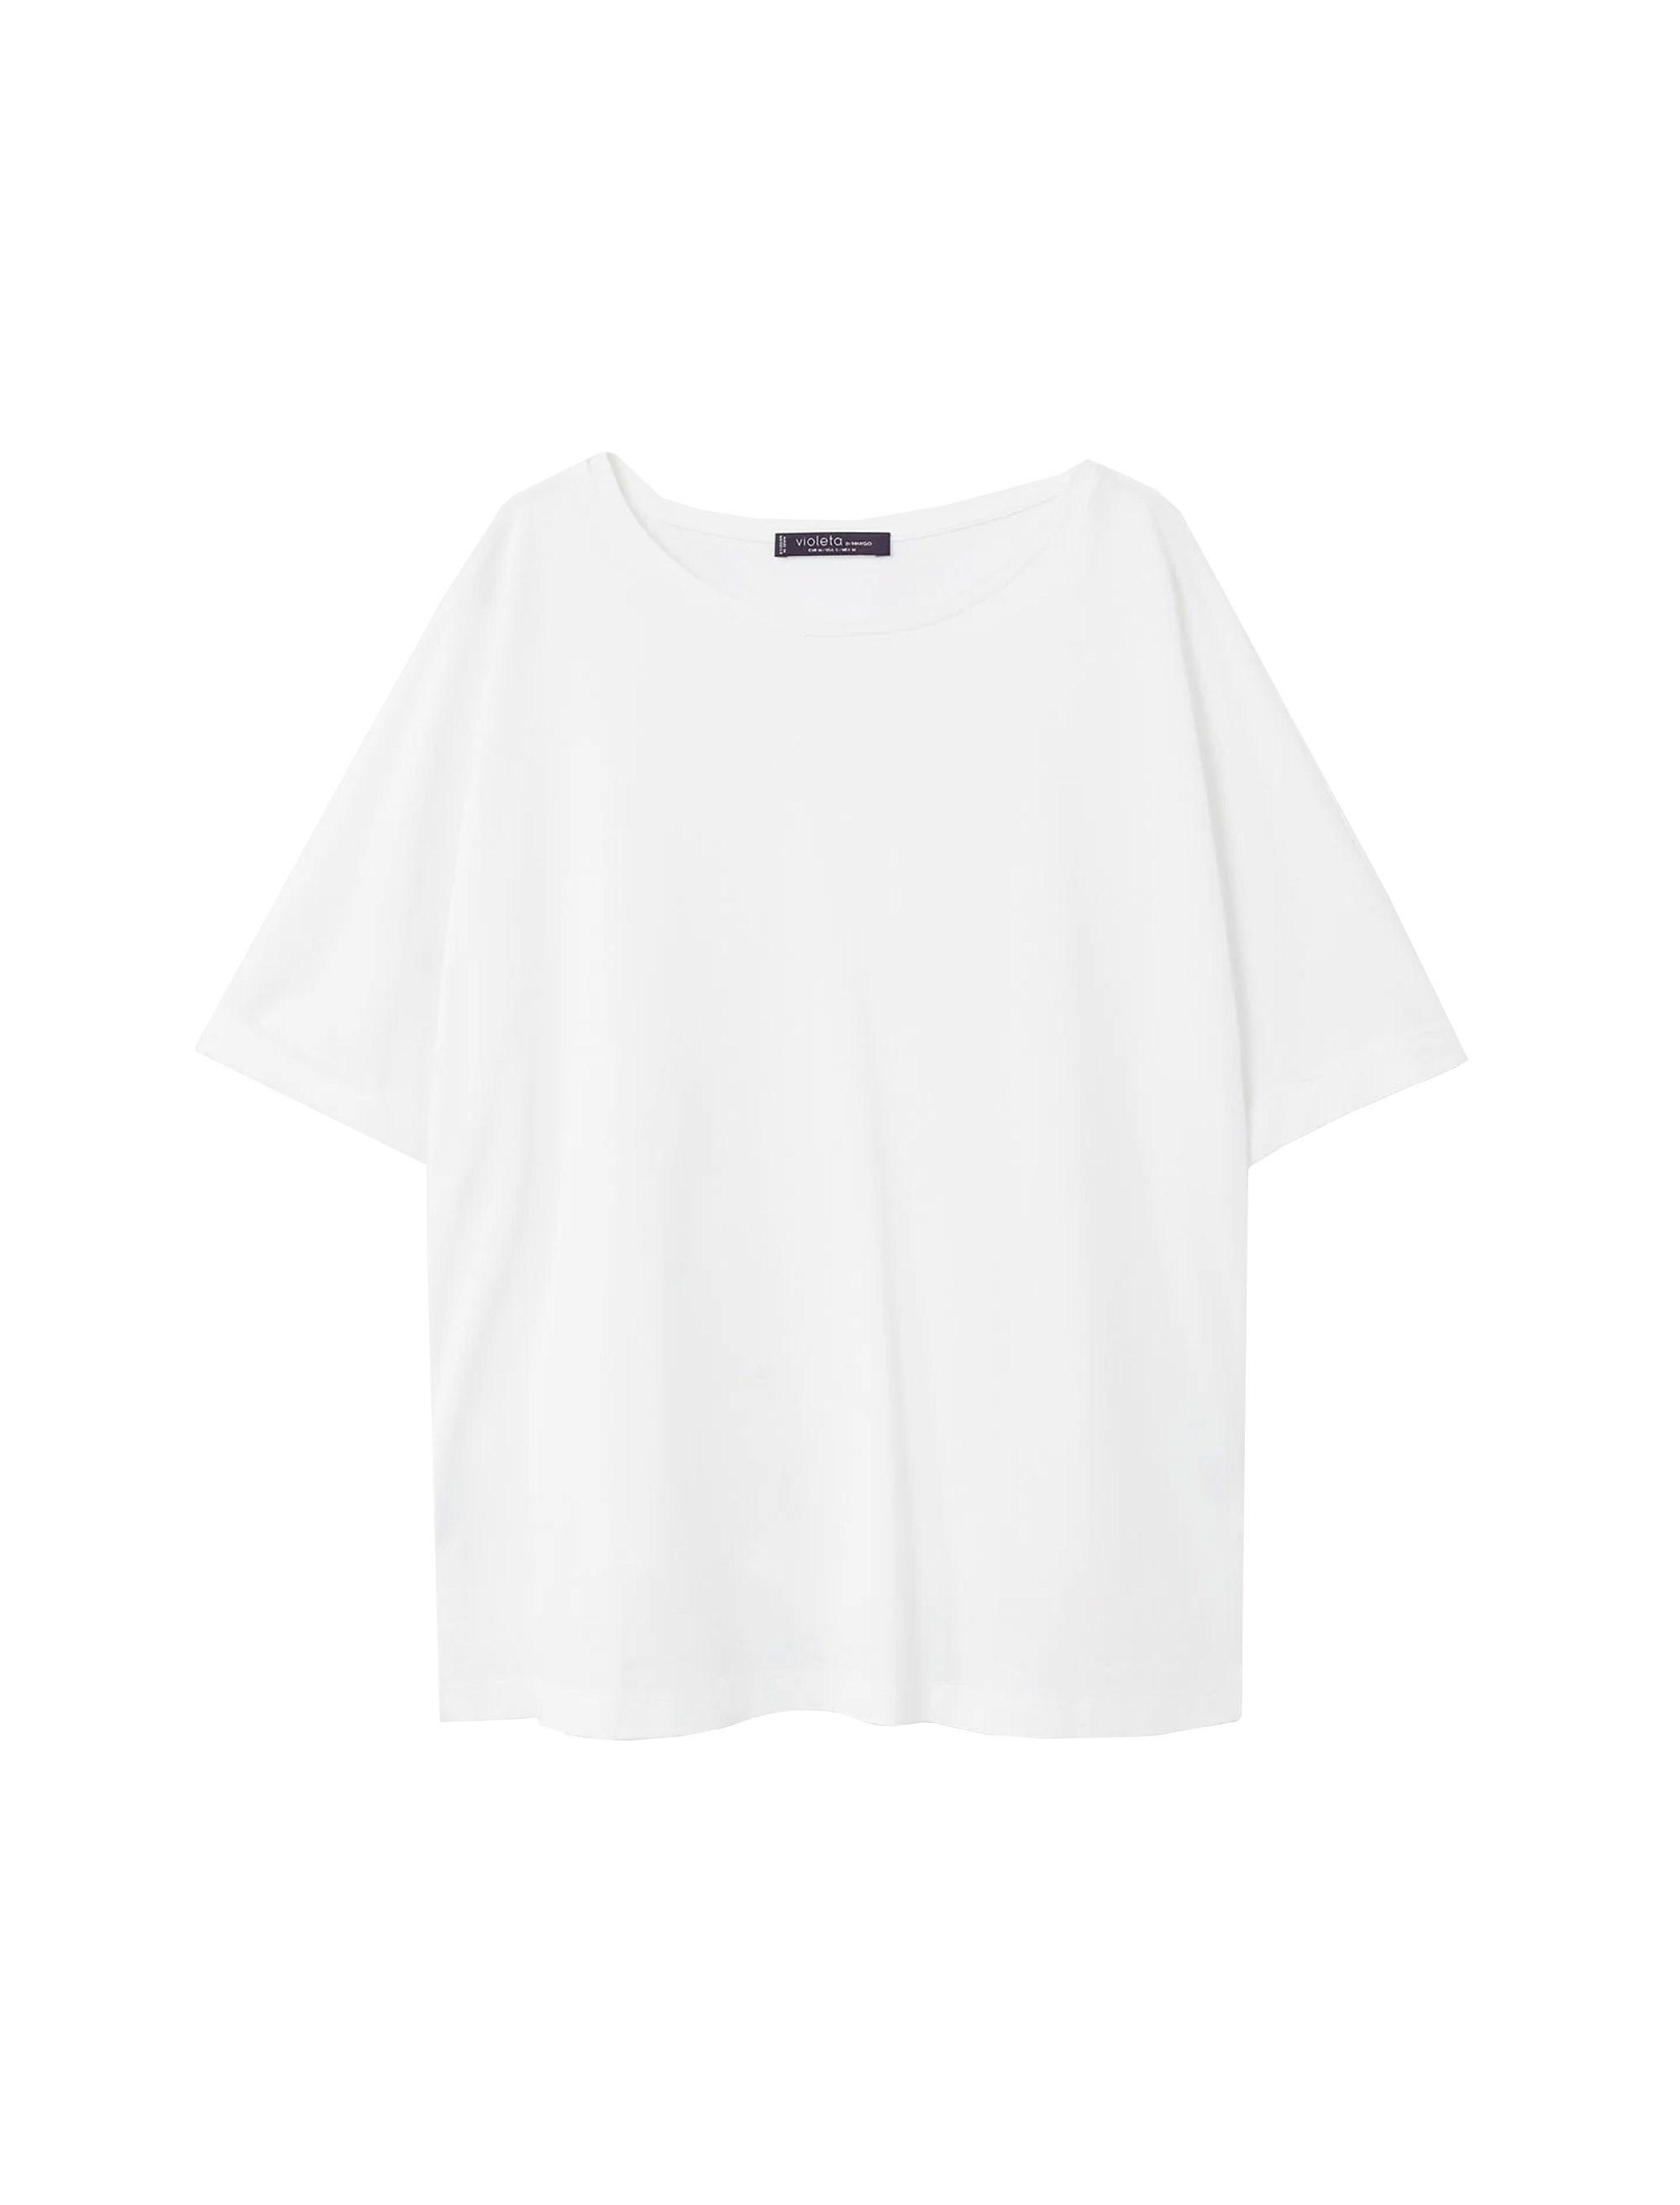 خرید تی شرت ویسکوز یقه گرد زنانه - ویولتا بای مانگو